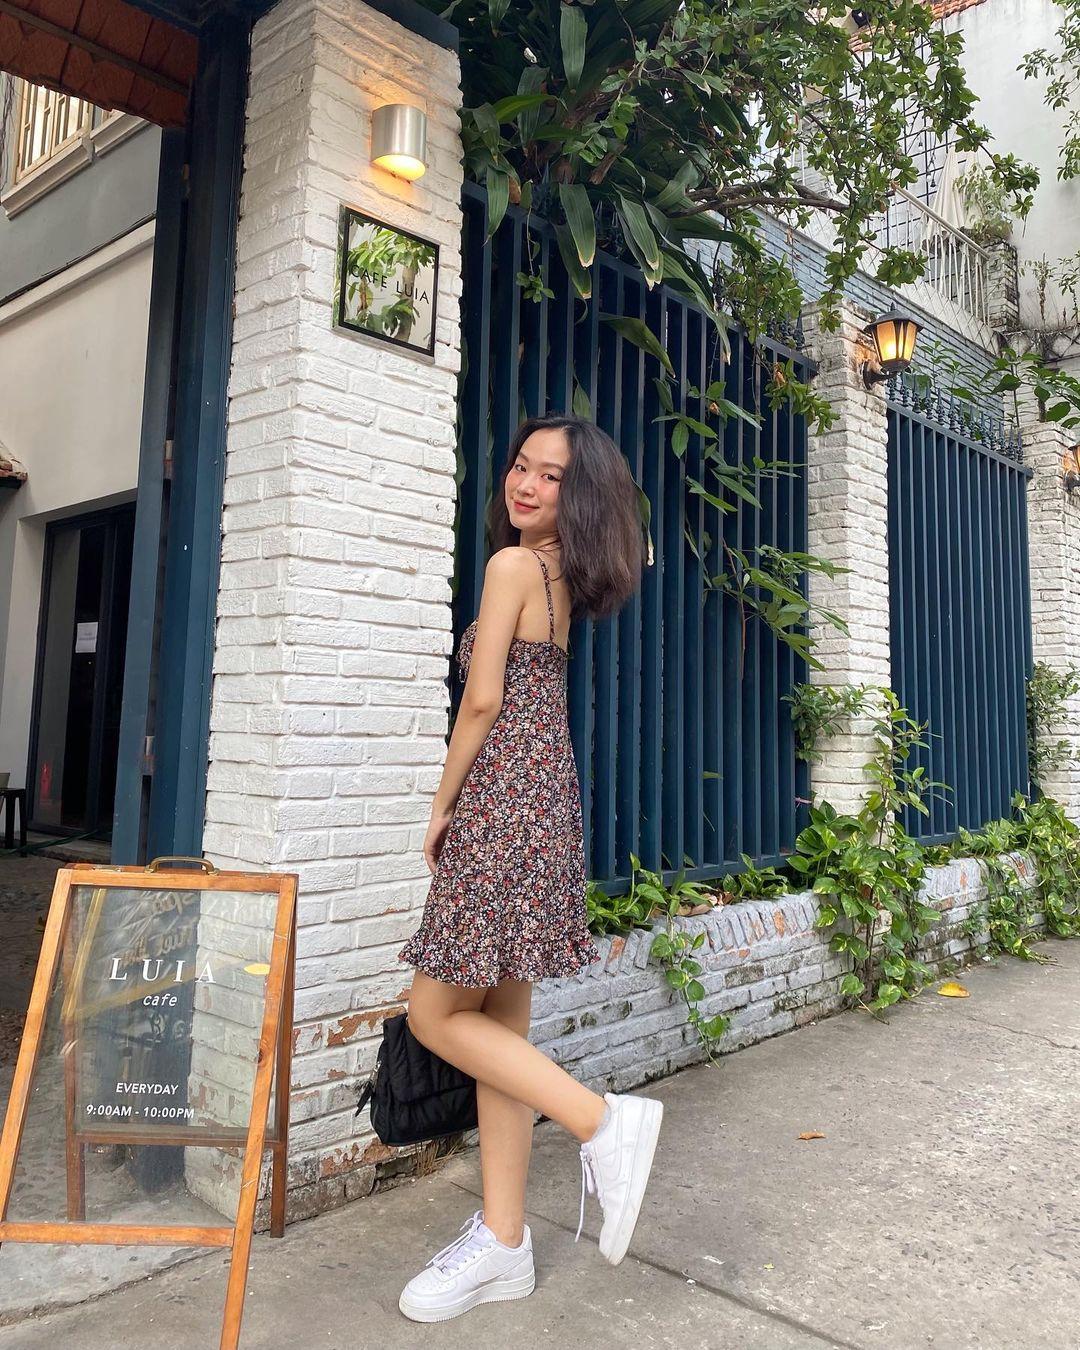 Chỉ từ 240k sắm váy hở lưng xinh yêu sexy lại mát rượi chấp hết nắng nóng Sài Gòn - Ảnh 5.